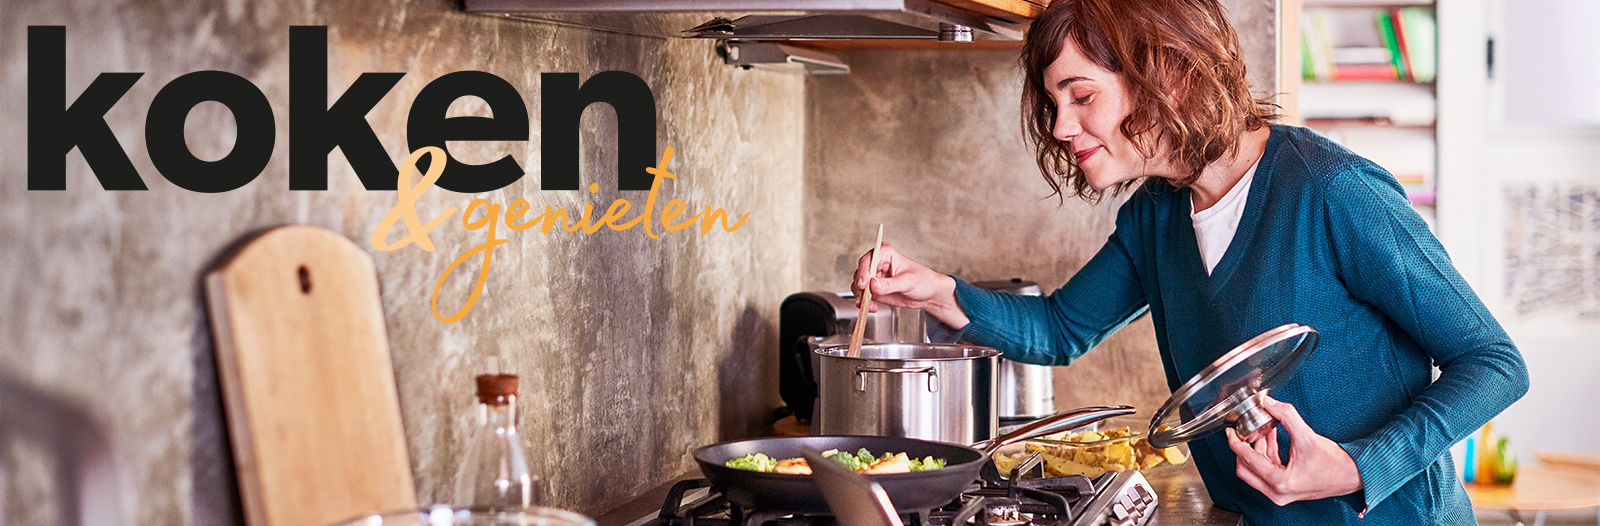 koken & genieten gerelateerde producten